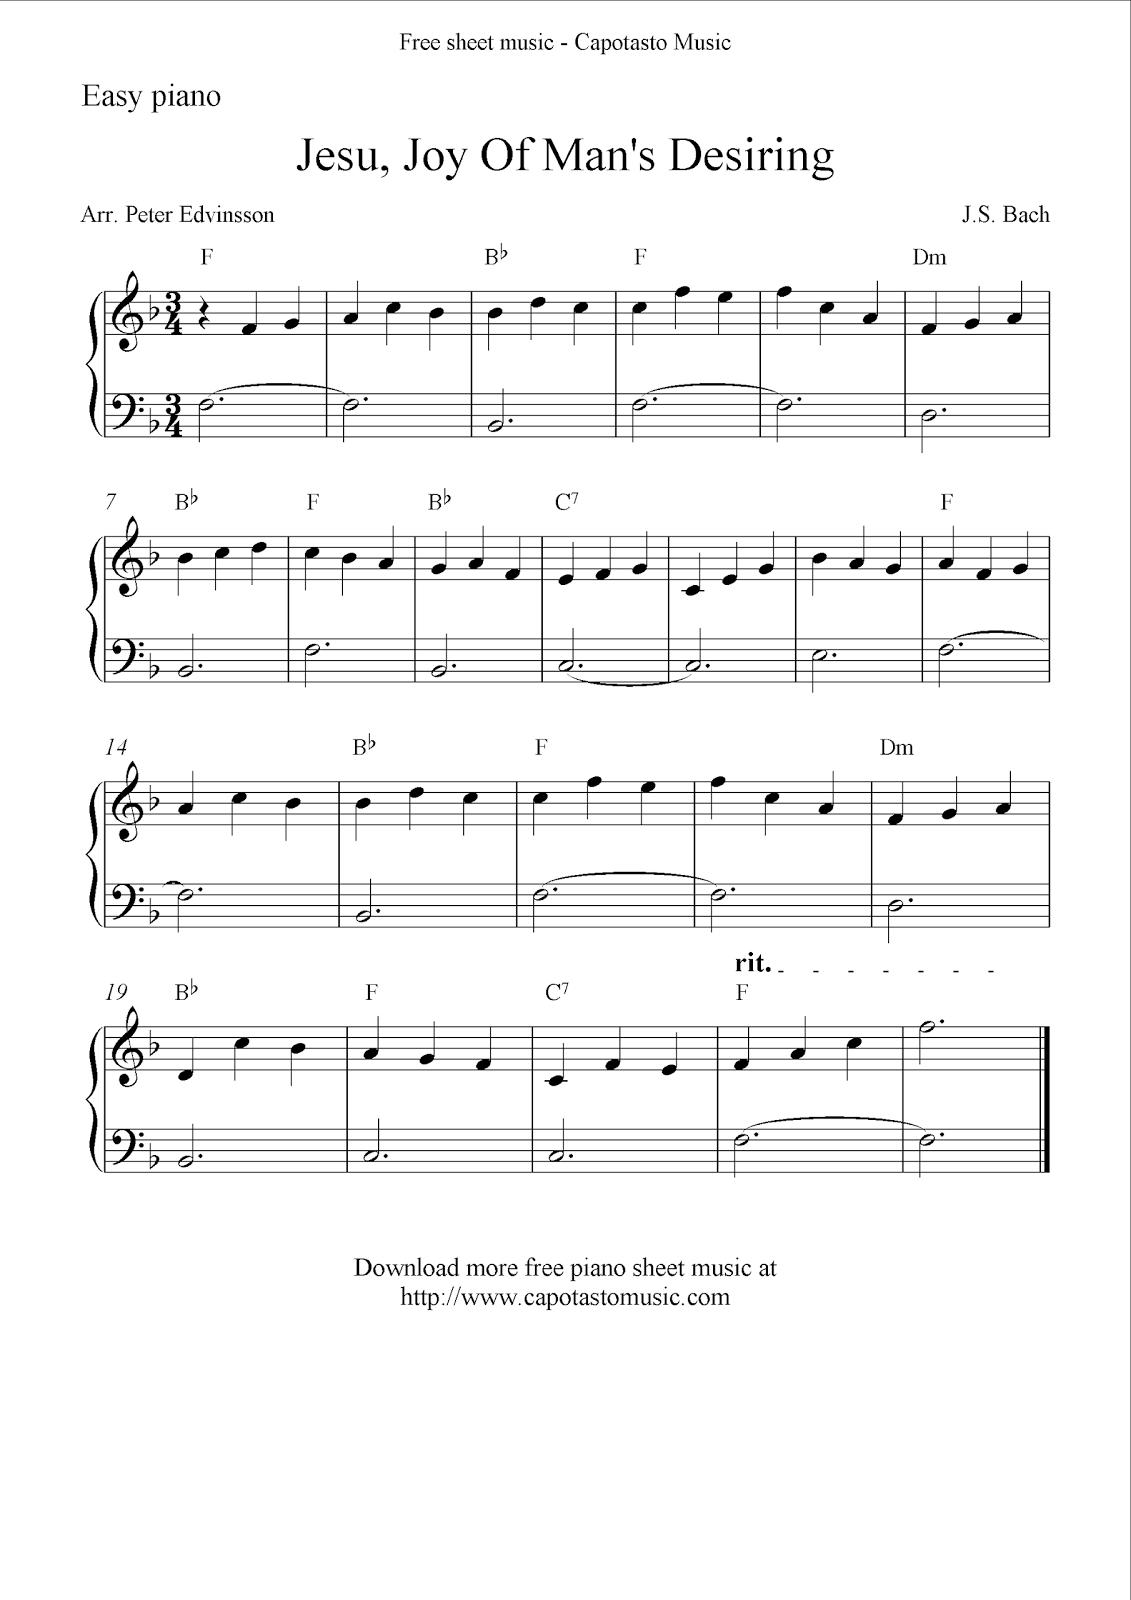 Free Sheet Music Scores: Free easy piano sheet music solo, Jesu, Joy ...